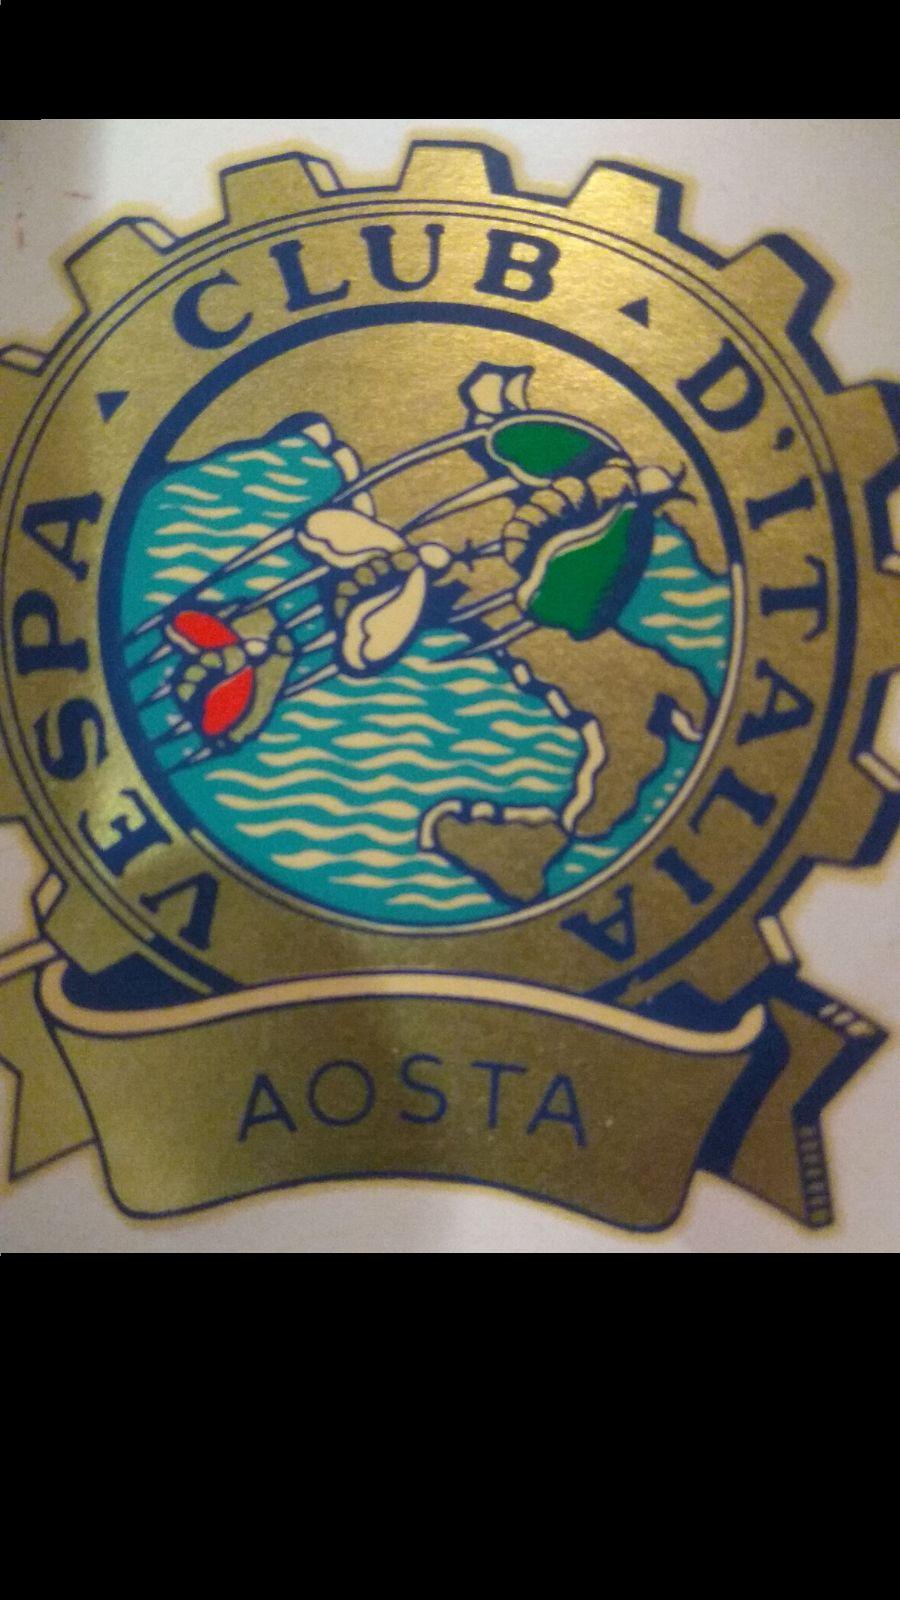 Vespa Club Aosta